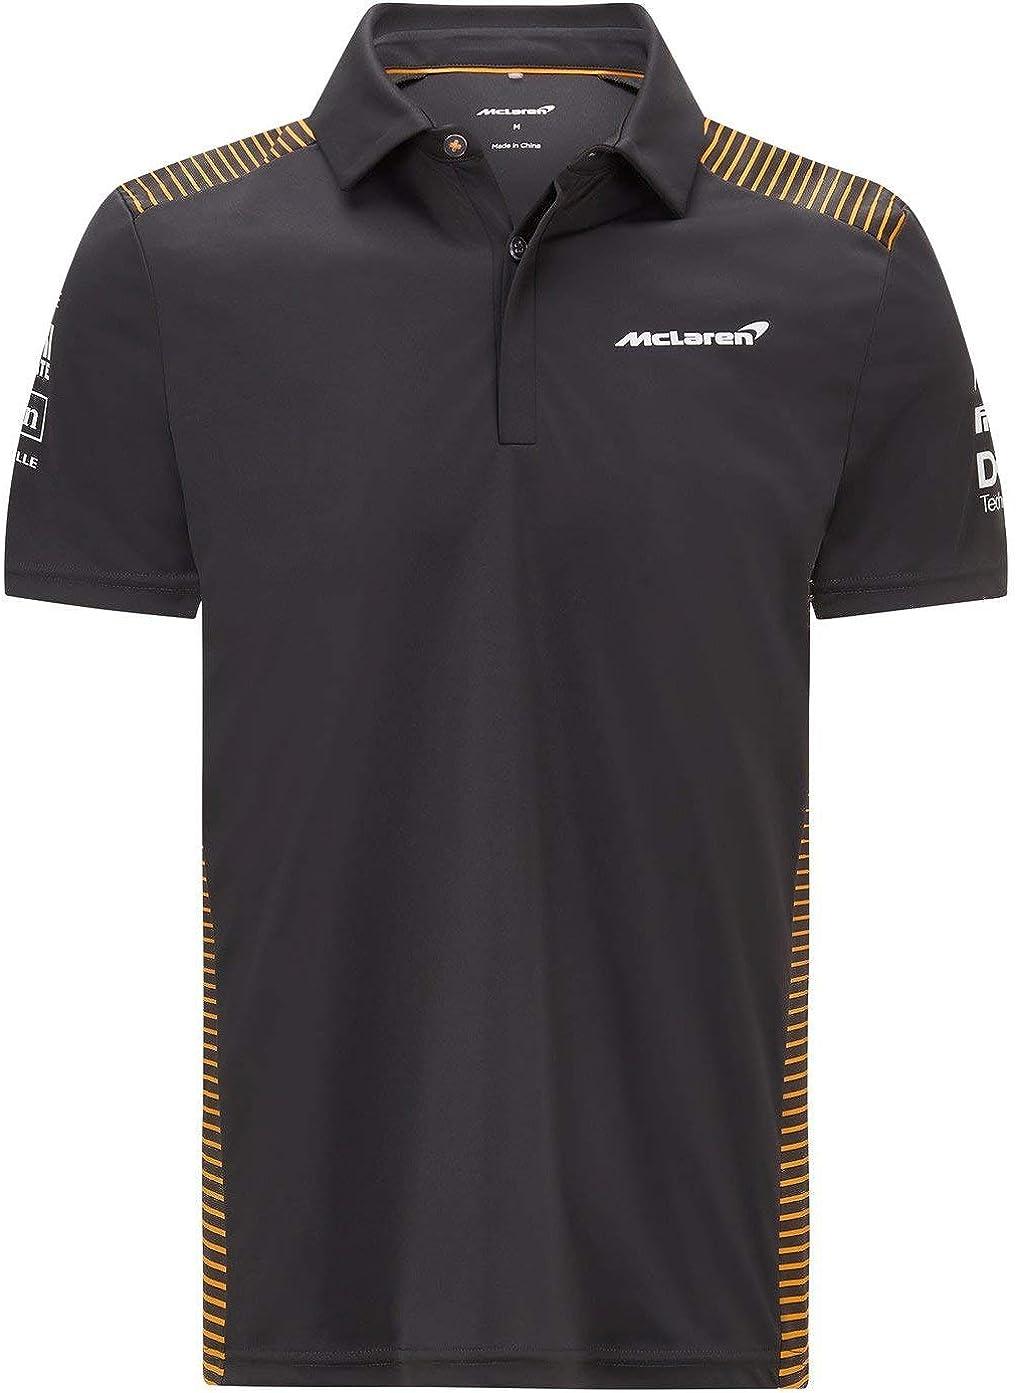 Top 10 Mclaren Dell Polo Shirt